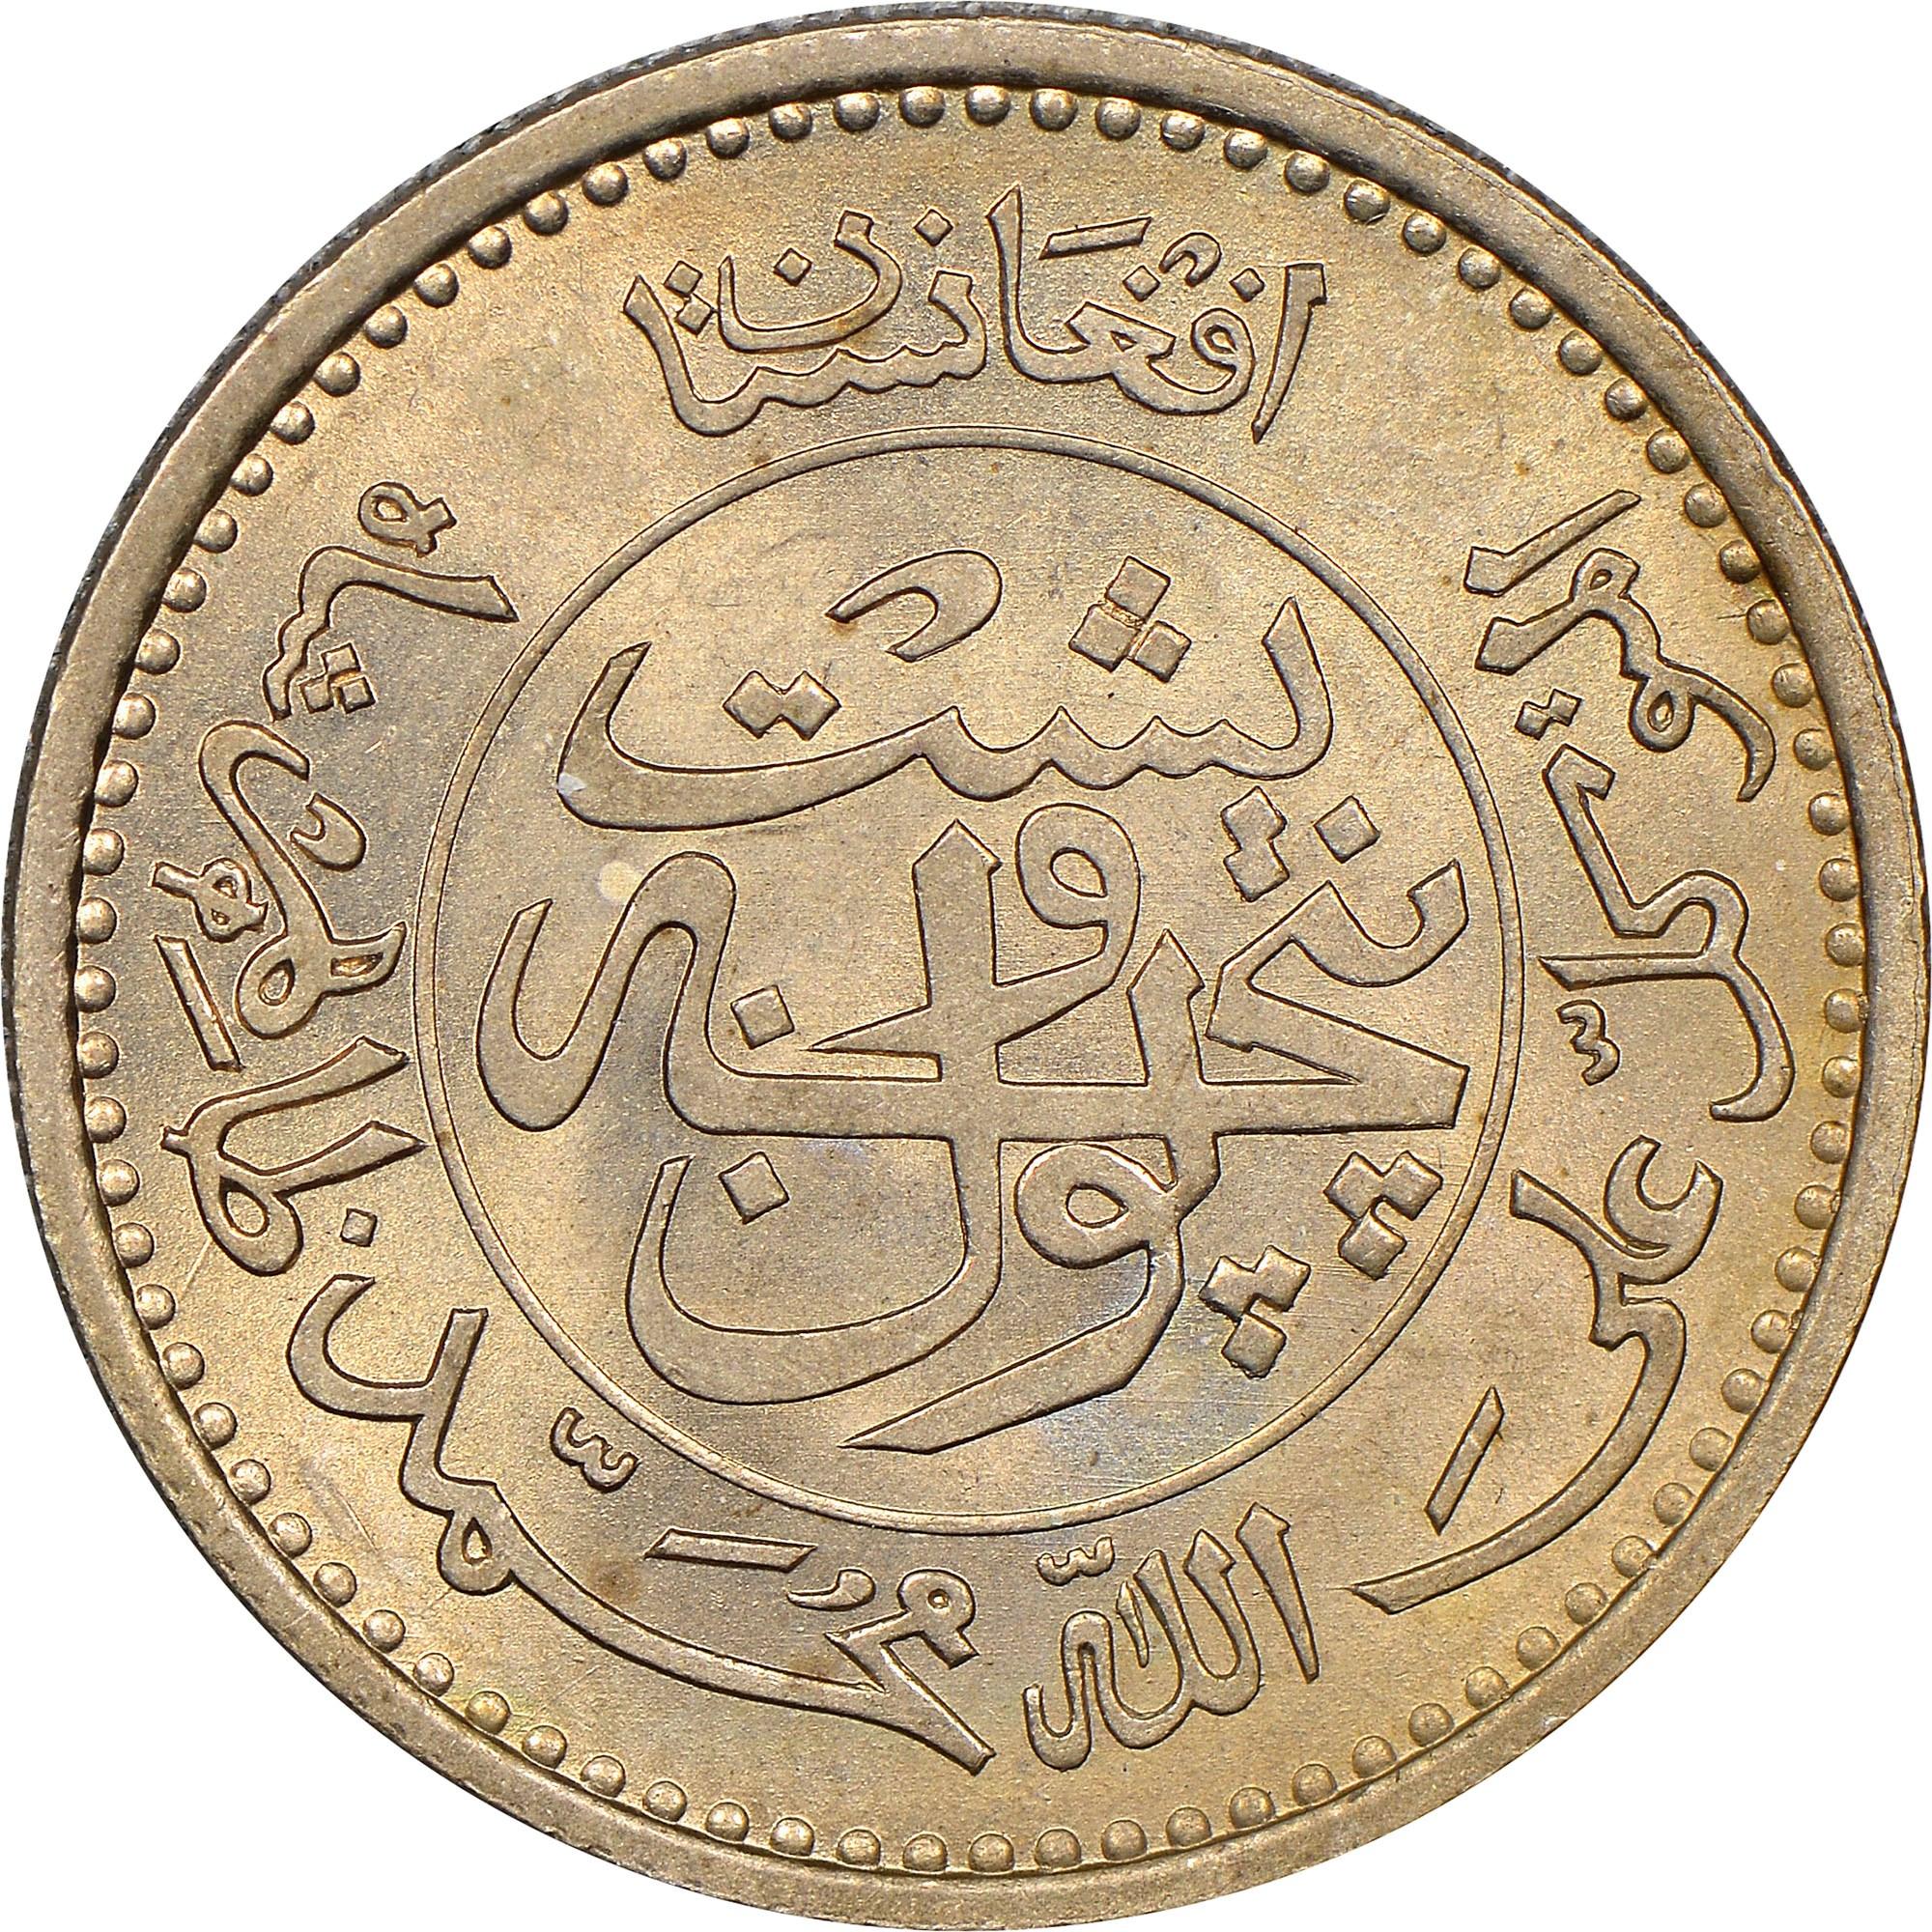 Afghanistan 25 Pul reverse